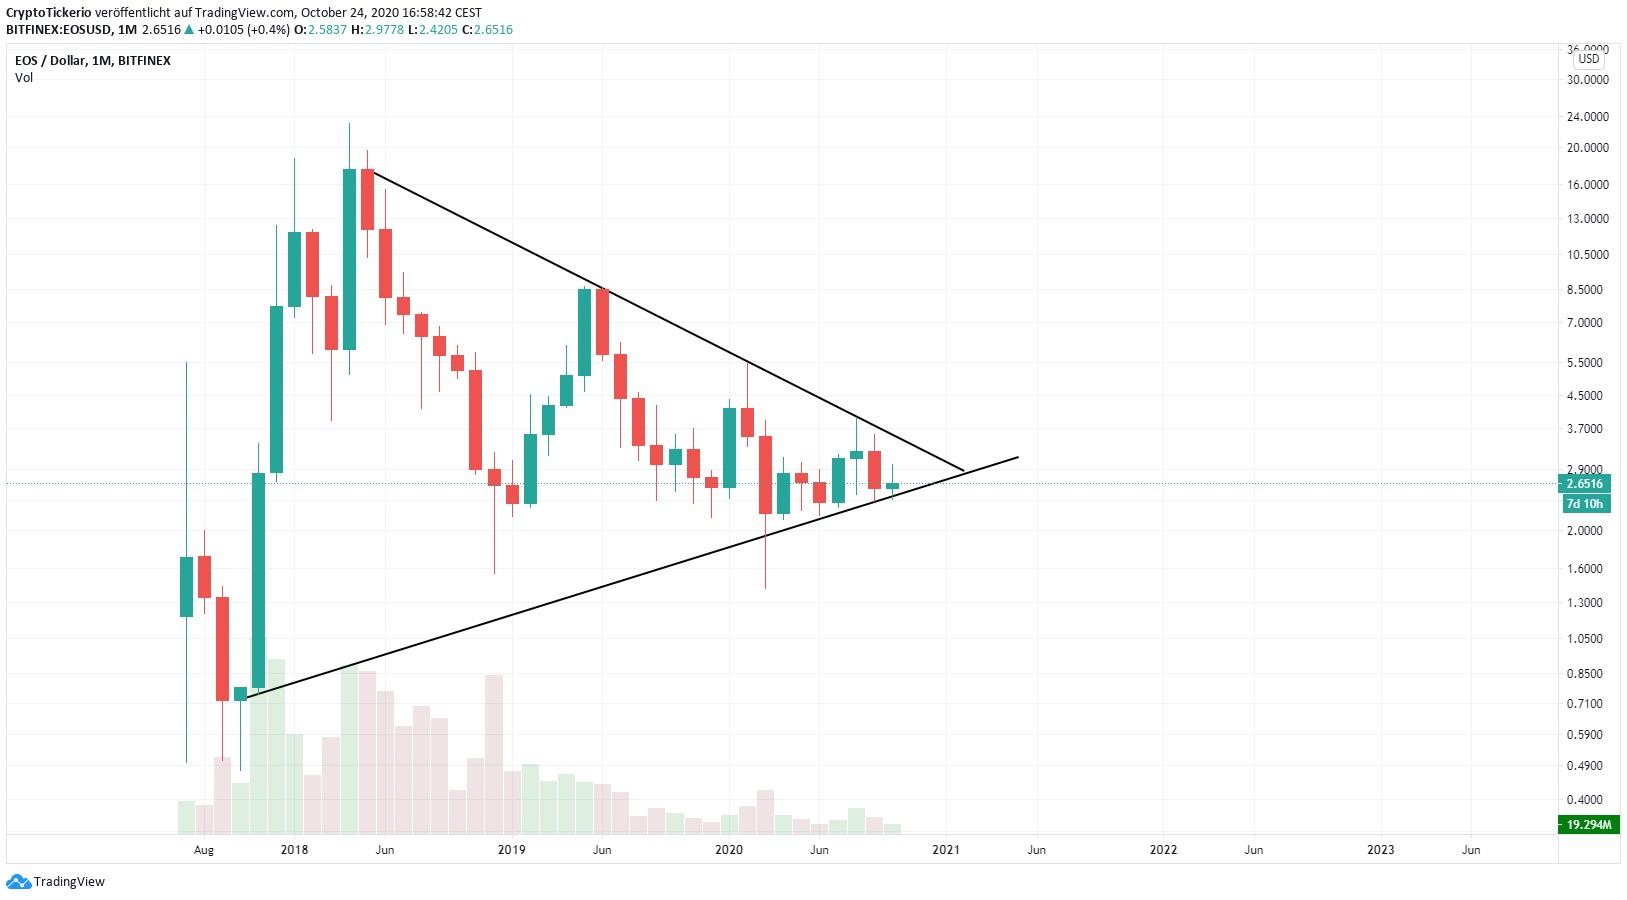 EOS Kurs mit einem Symmetrischen Dreieck